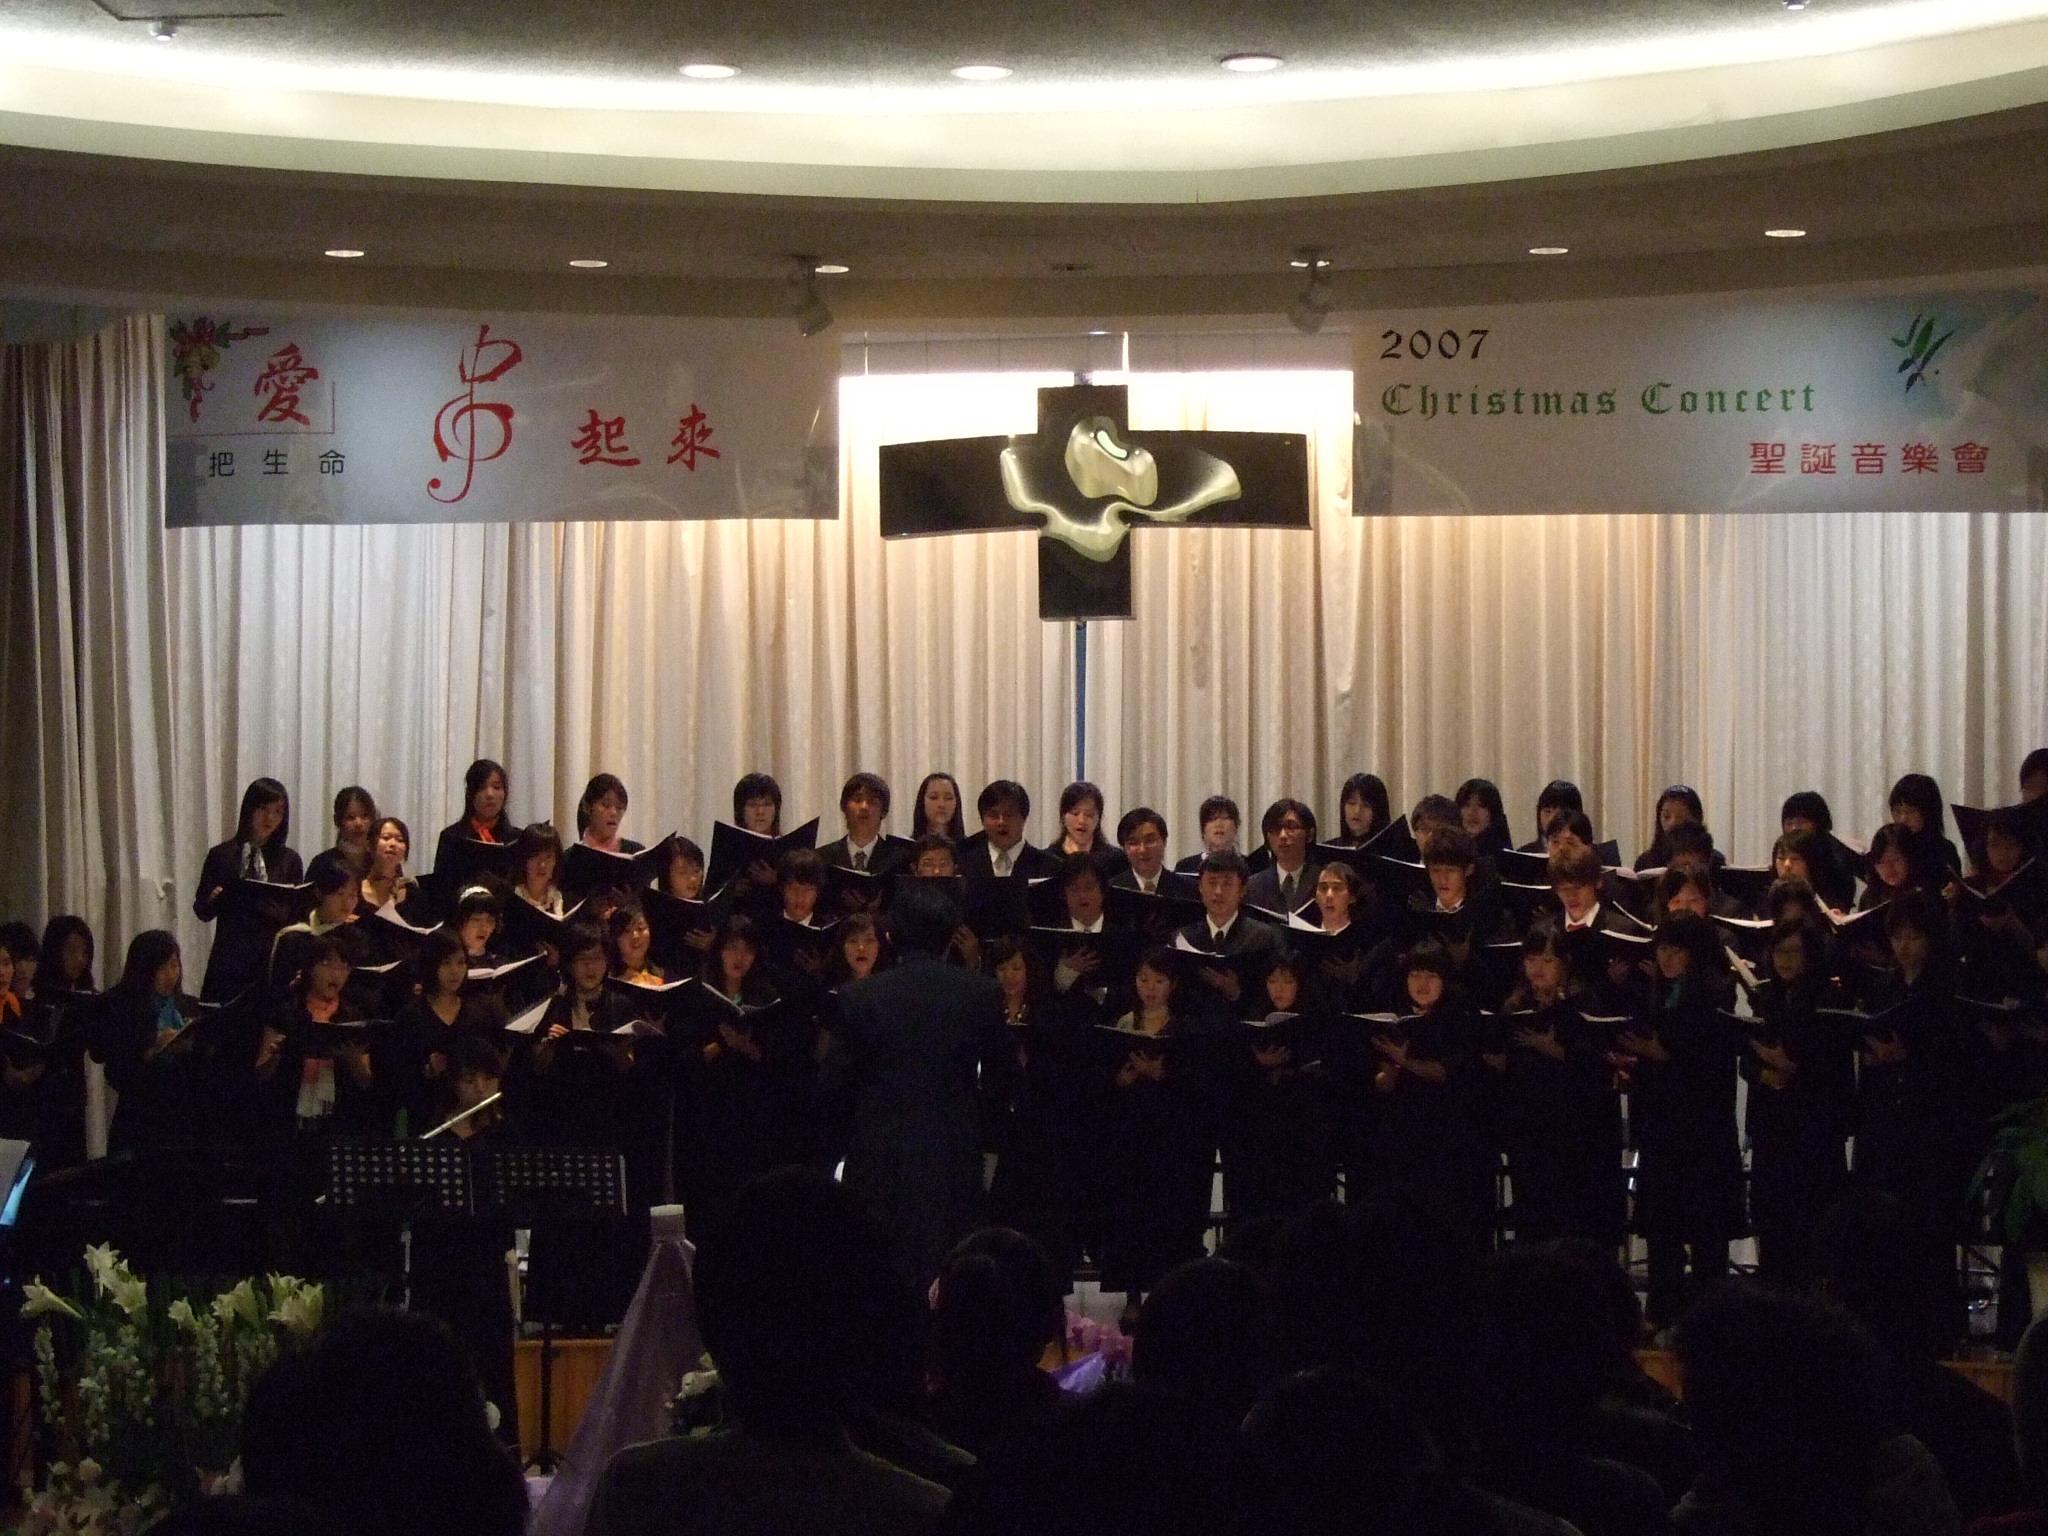 DSCF2629(1).JPG